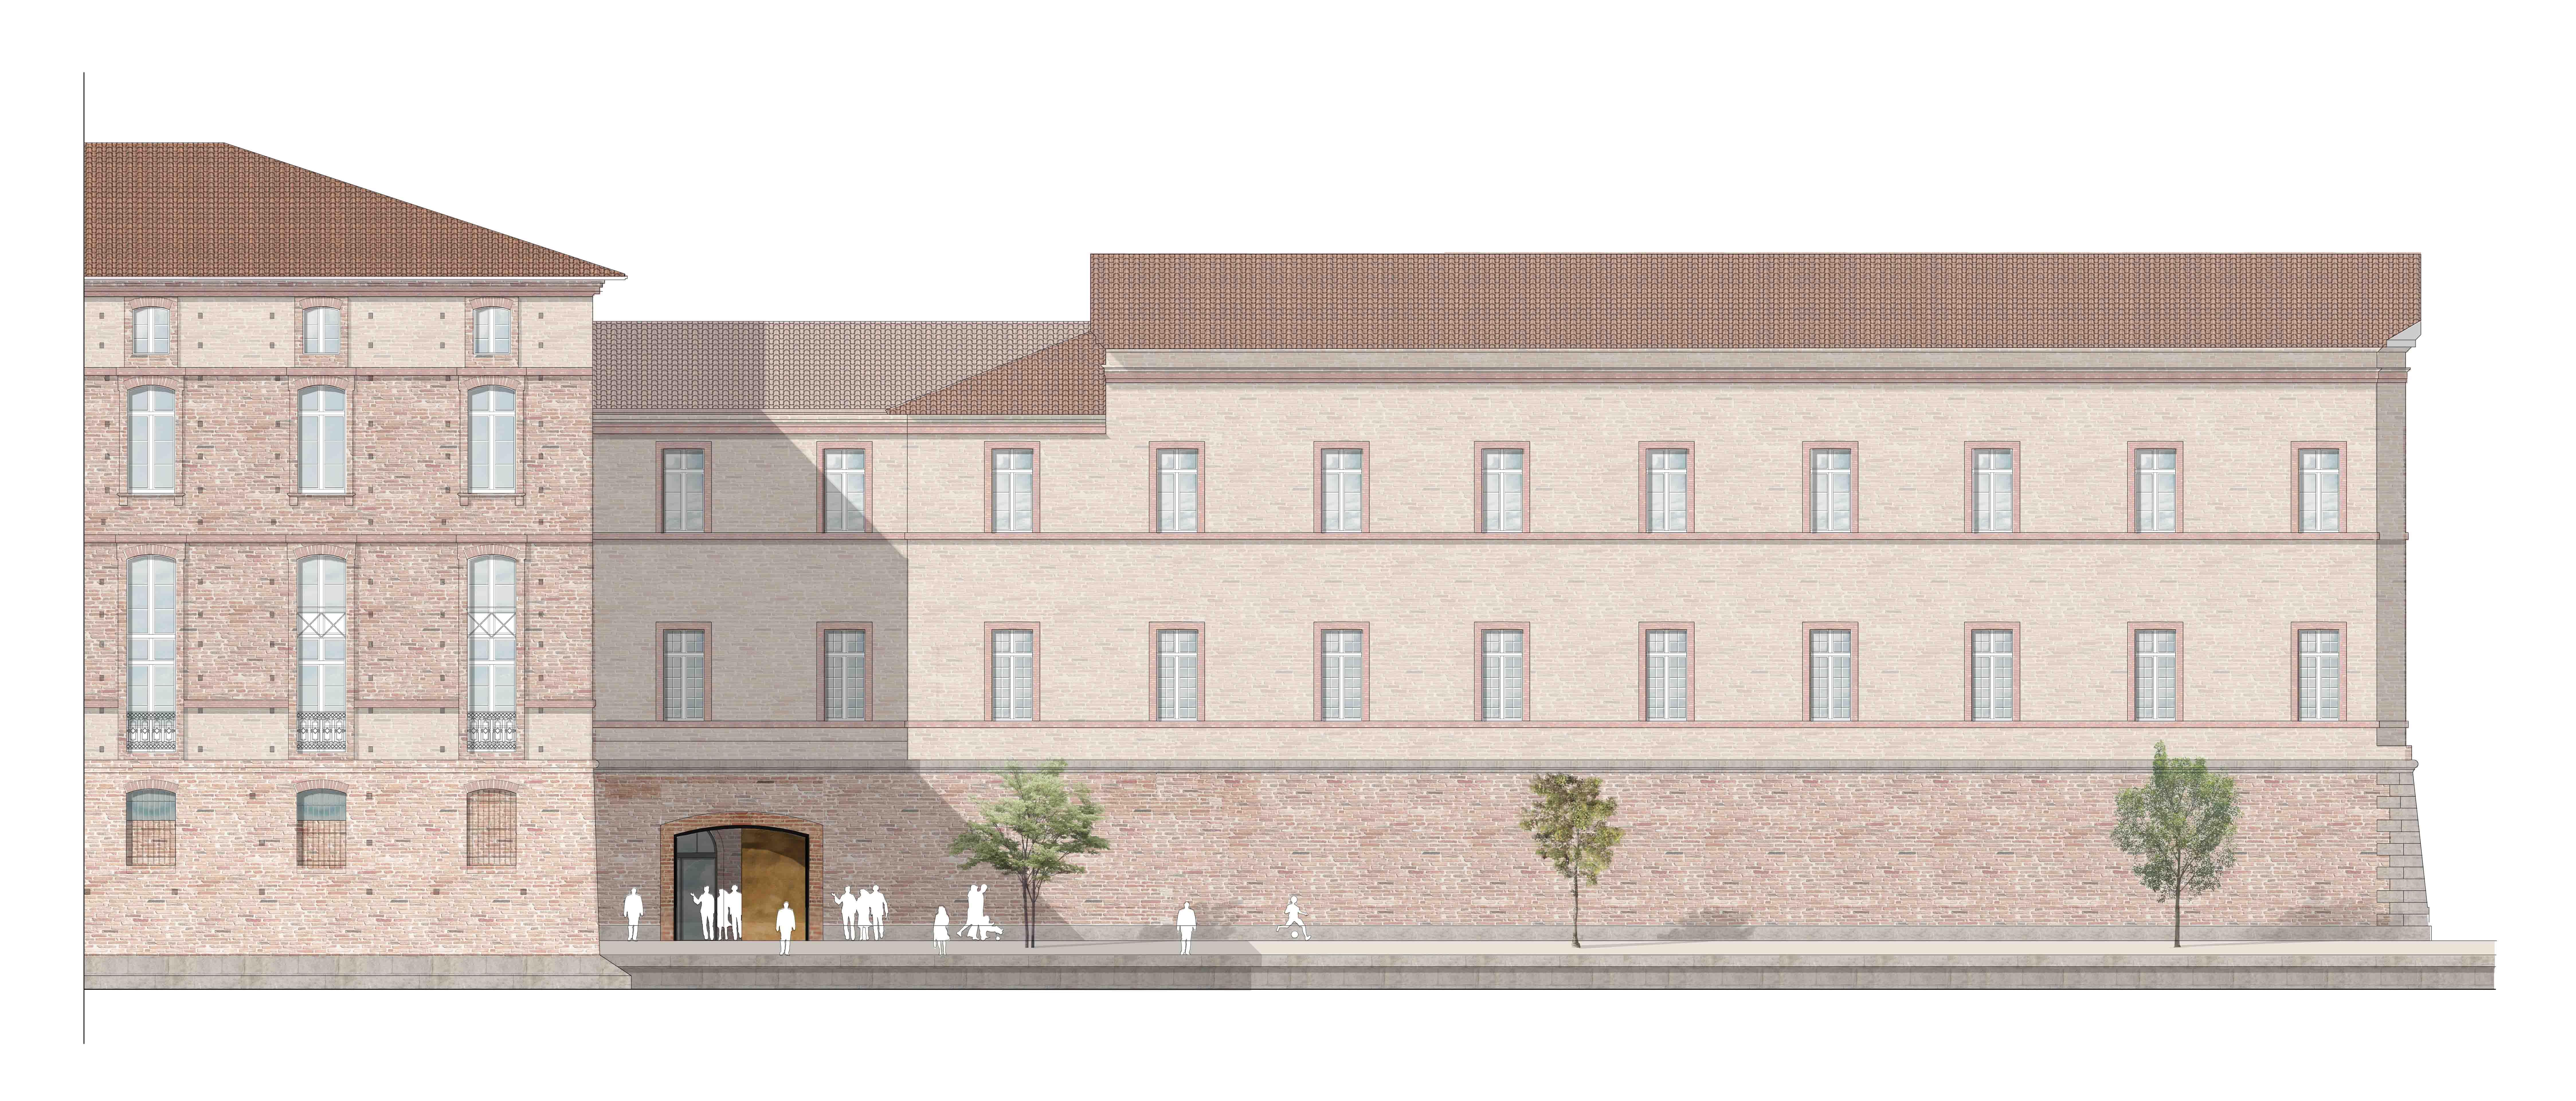 Agence Caillault ACMH – TOULOUSE – Hôtel-Dieu – Façade sur Garonne du bâtiment Baric – État projeté